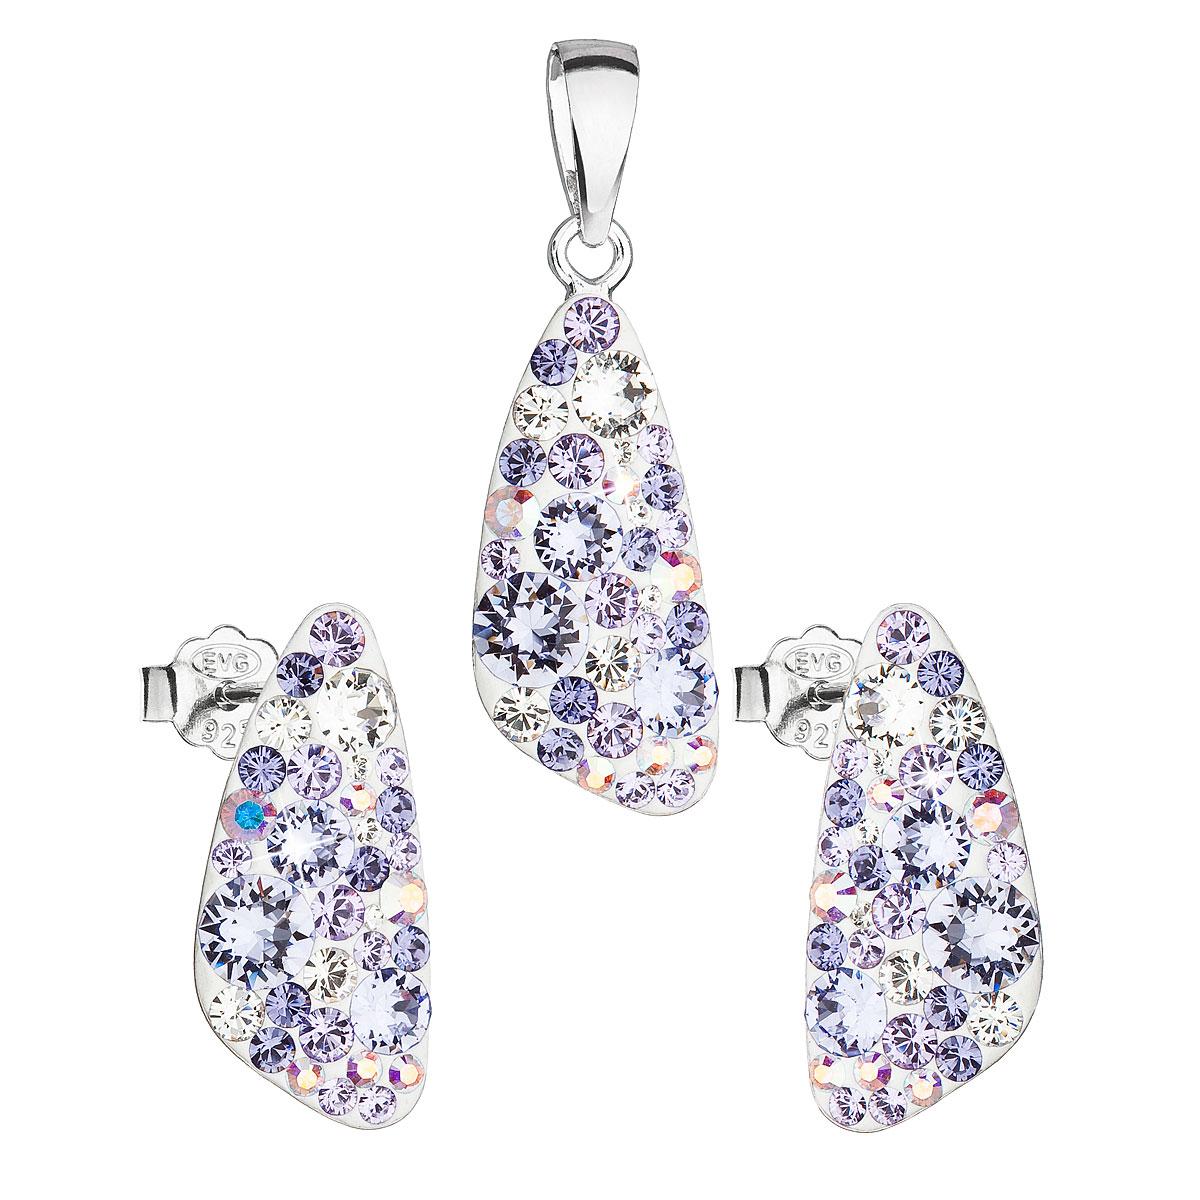 Sada šperkov s krištáľmi Swarovski náušnice a prívesok fialový 39167.3 violet